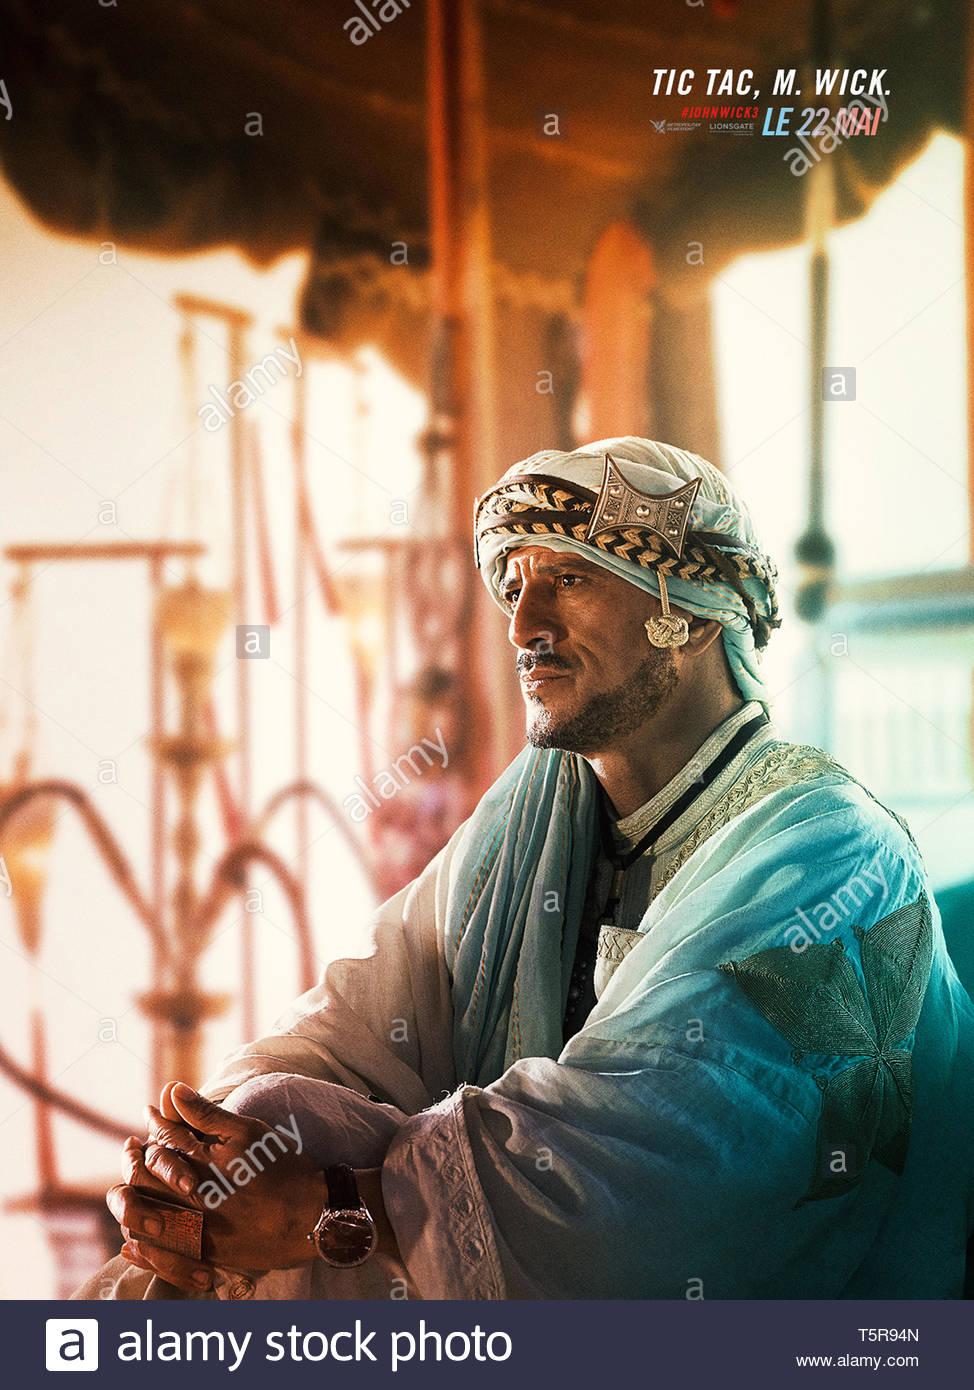 JOHN WICK PARABELLUM JOHN WICK: CHAPTER 3 - PARABELLUM 2019 de Chad Stahelski teaser français Said Taghmaoui. action; suite; sequel; sequelle d'apres - Stock Image